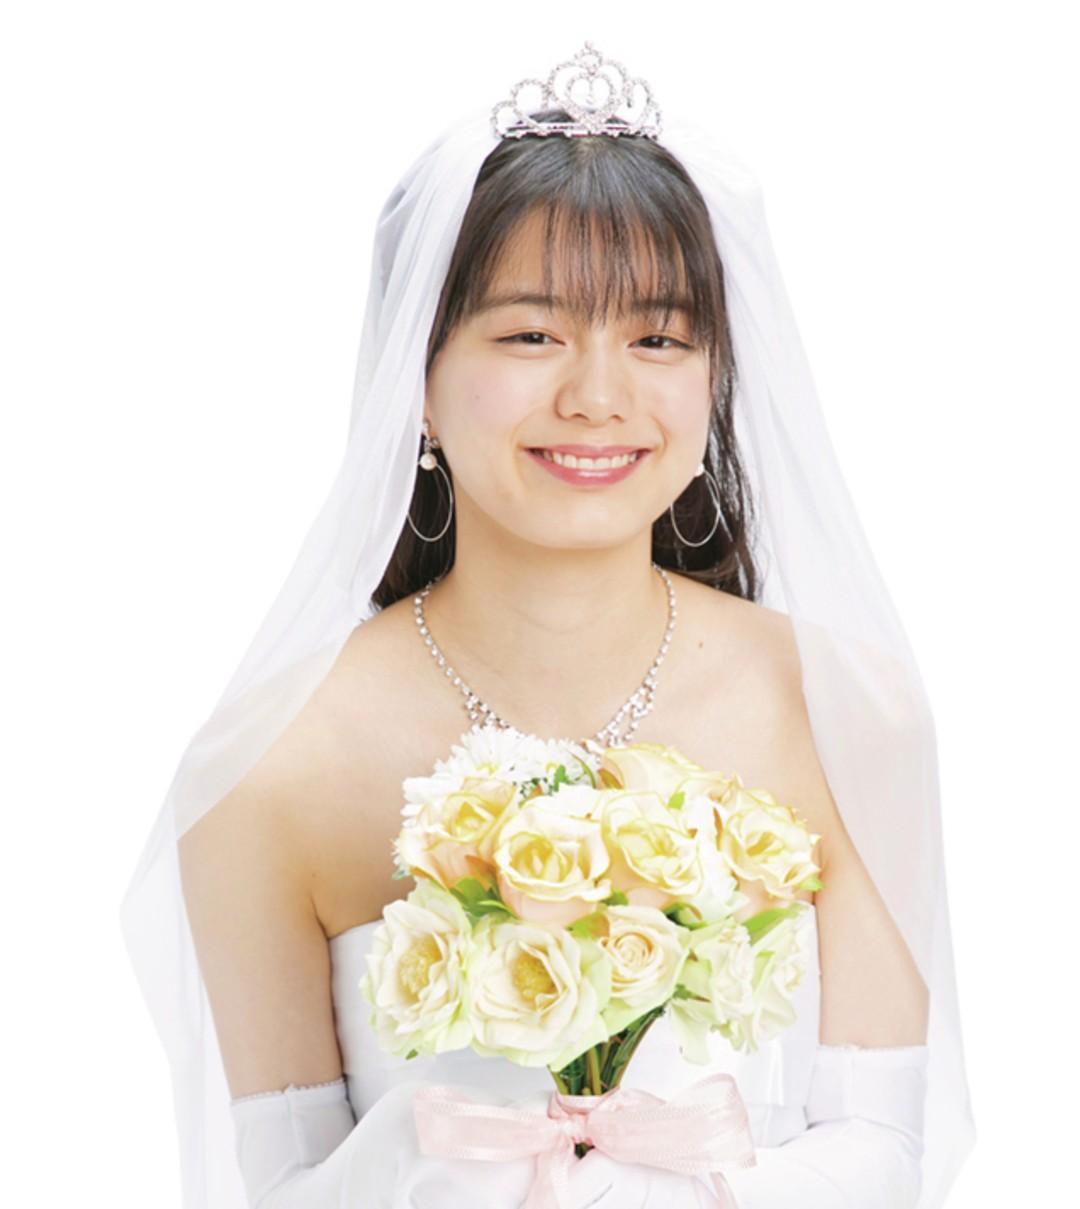 彼氏がいるコは「若いときに結婚したい願望」の強いコが多かった!